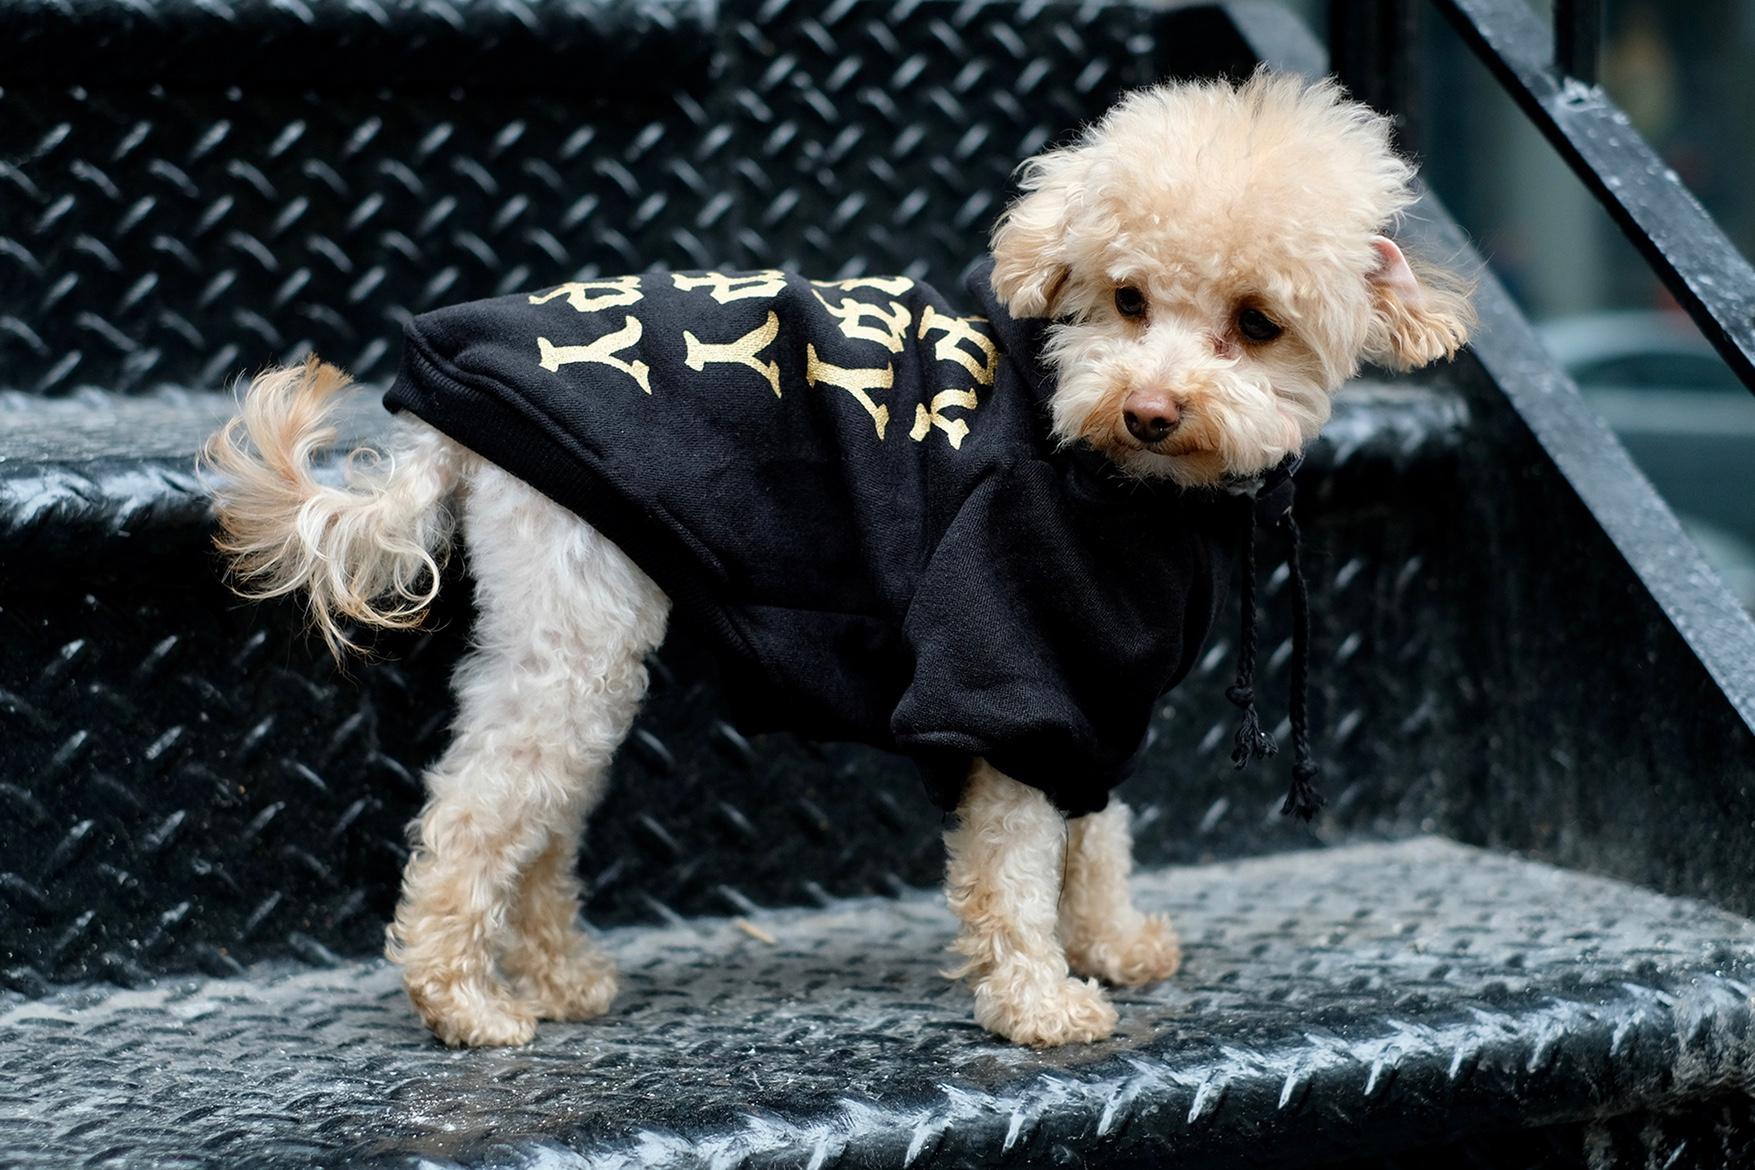 pawkier streetwear para cachorros 05 - Pawkier: streetwear bom para cachorro